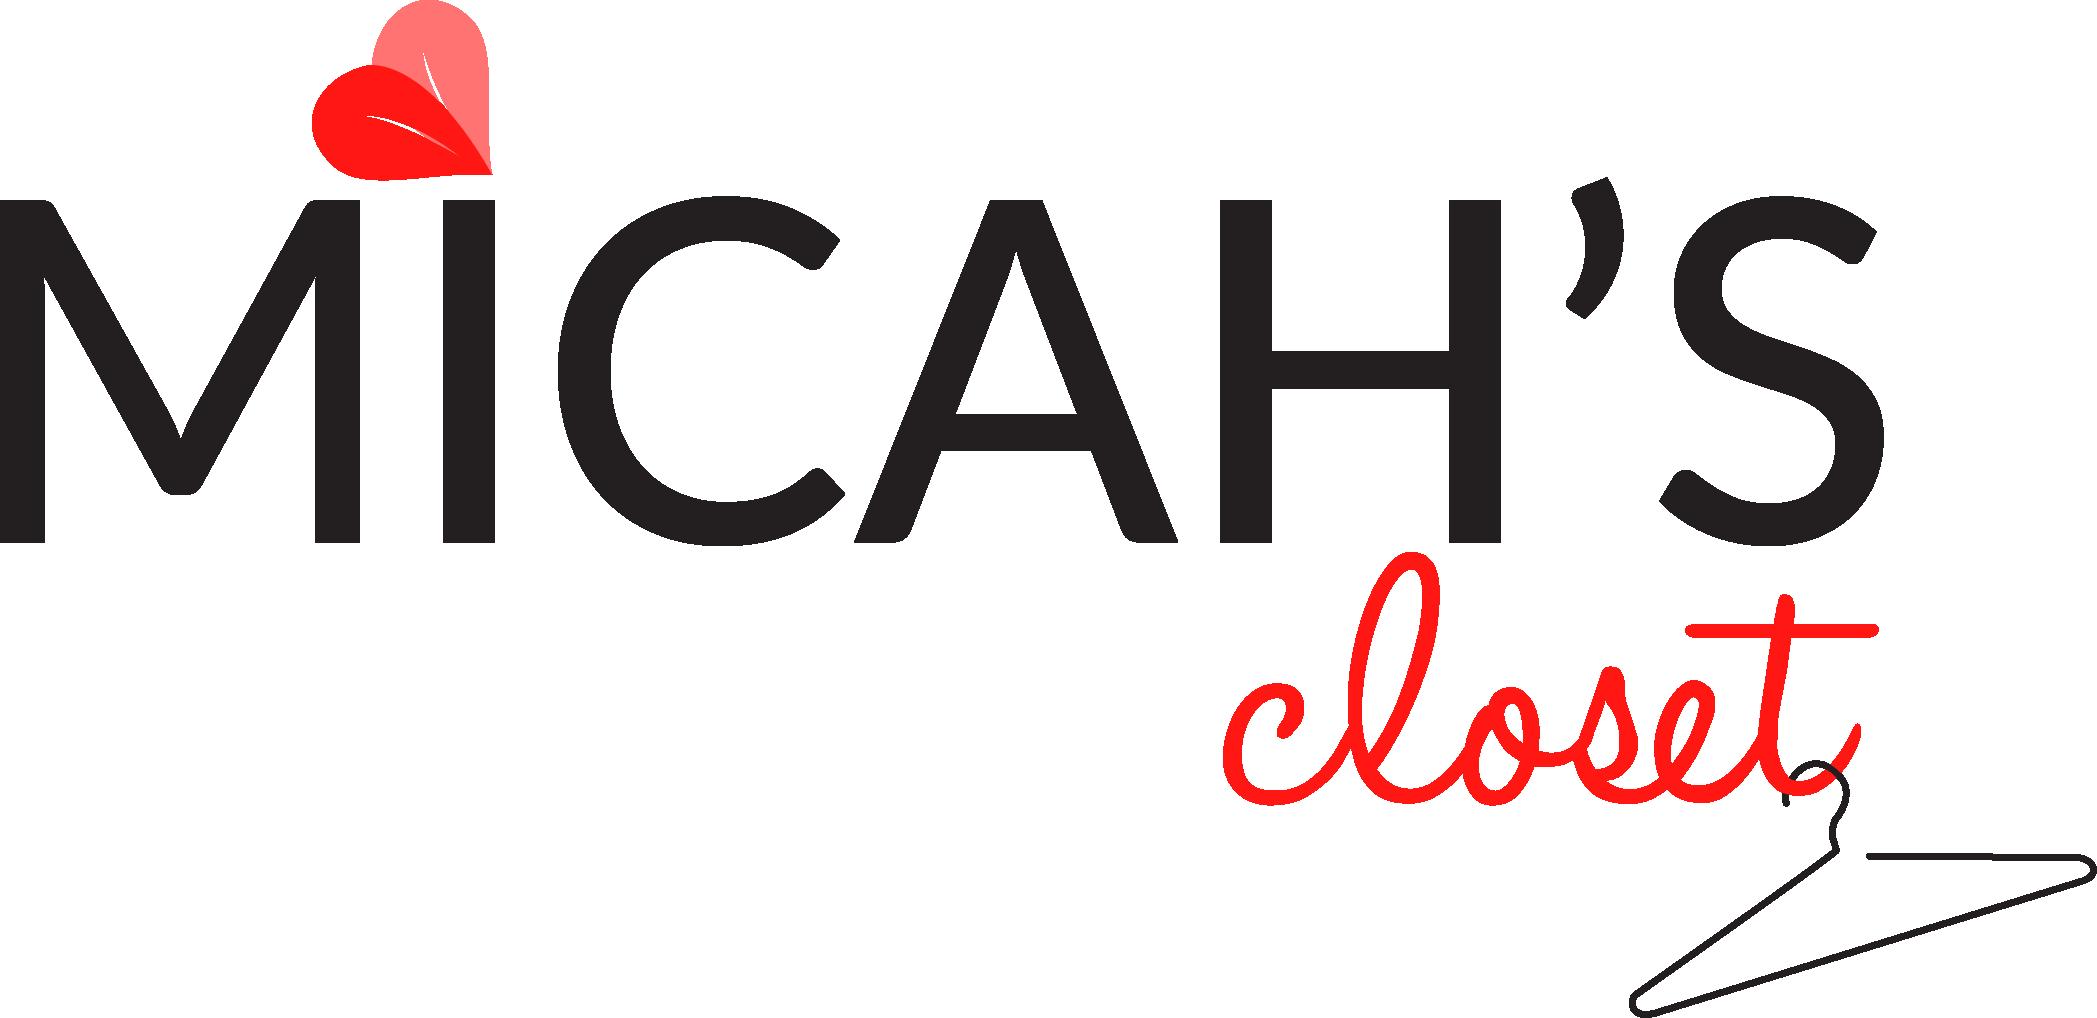 Micah's Closet